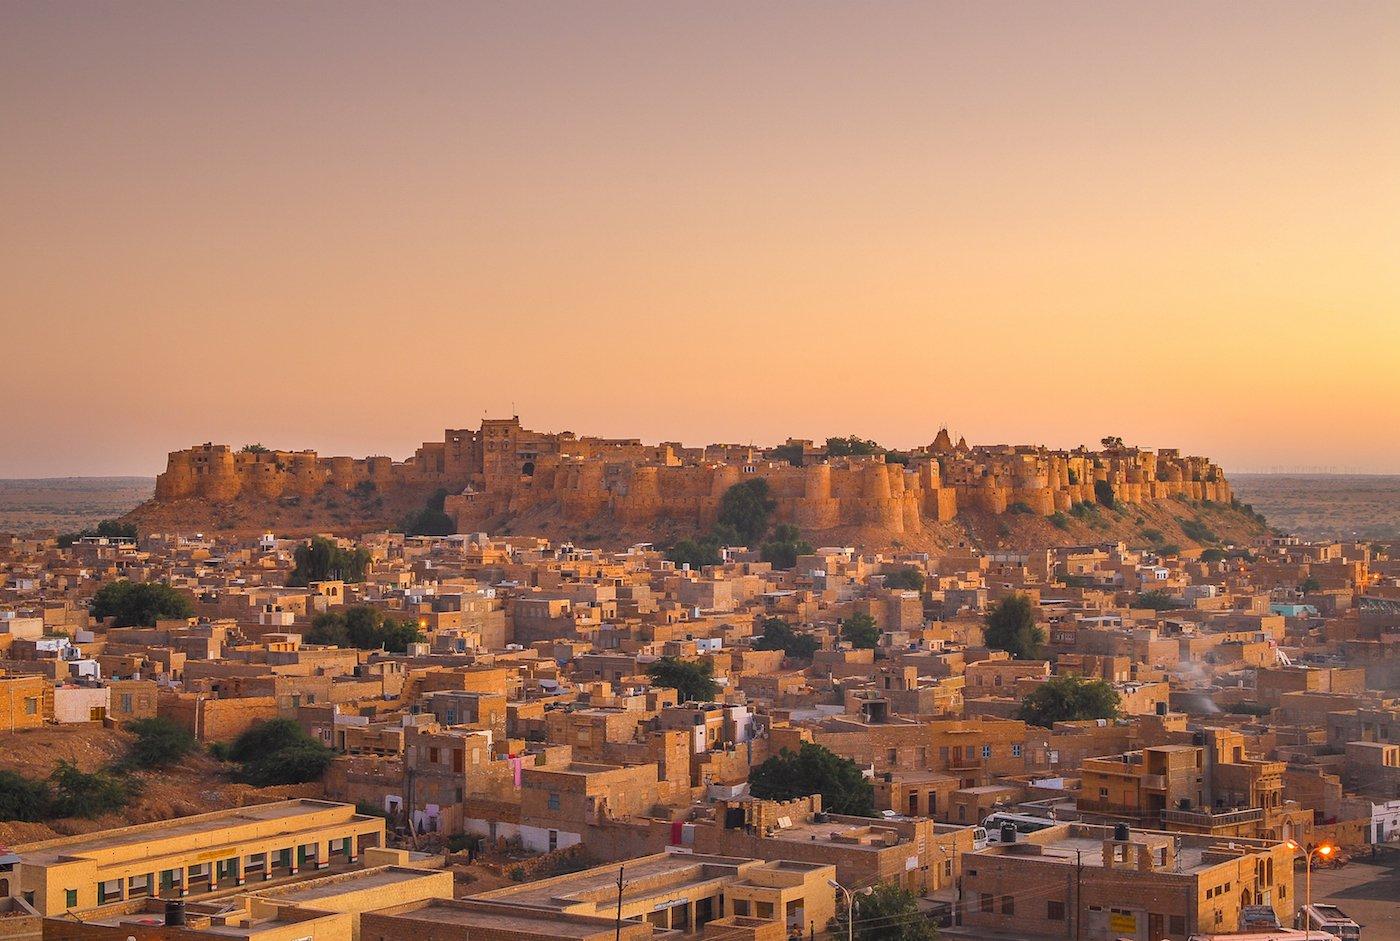 INDE-VILLE-Jaisalmer.jpg